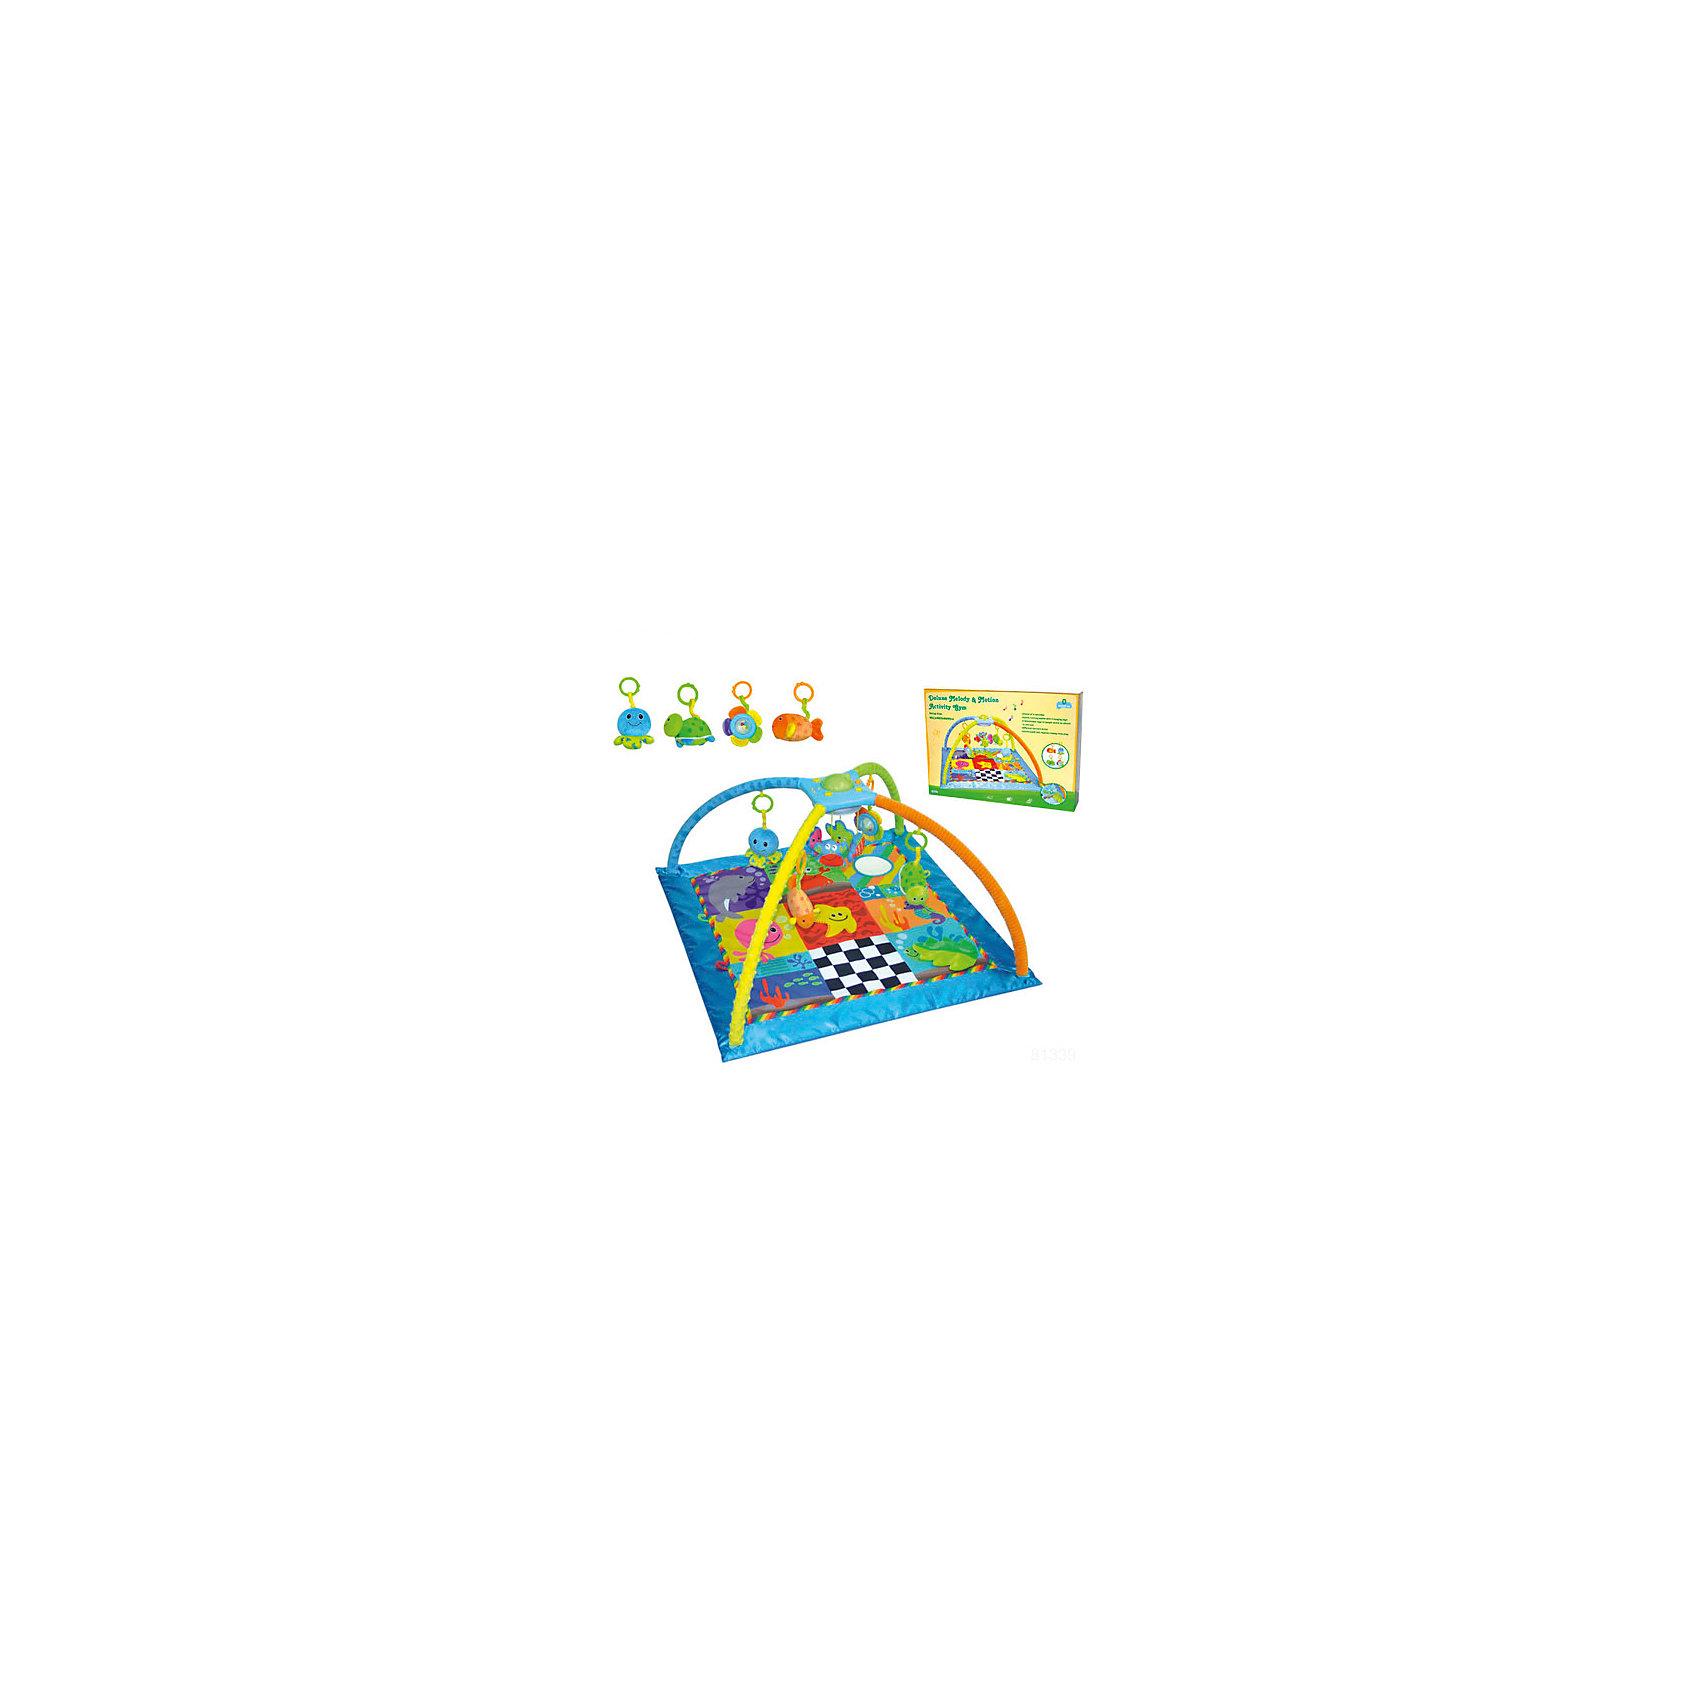 Развивающий коврик Подводные игры, ParkfieldРазвивающие коврики<br>Яркий развивающий коврик обязательно привлечет внимание малышей, надолго их заинтересует и поможет развить моторику, хватательный рефлекс и цветовосприятие. Коврик имеет дуги, соединенные между собой музыкальной шкатулкой с вращающимися игрушками. Подвески выполнены из материалов различных фактур, благодаря чему ваш кроха сможет развить тактильные ощущения, играя с ними. Коврик оснащен музыкальным блоком с вращающейся каруселью, для работы блока не требуются батарейки, выполнен из высококачественных материалов, в производстве изделия использованы только качественные безопасные для детей красители. Коврик компактно складывается, удобен в хранении и транспортировке.<br><br>Дополнительная информация:<br><br>- Материал: пластик, текстиль.<br>- Комплектация: коврик с двумя дугами, музыкальная шкатулка с игрушками, 4 подвесные игрушки. <br>- Музыкальный блок, карусель (работает без батареек).<br>- Размер: 86x48x86  см.<br>- Легко стирается. <br><br>Развивающий коврик Подводные игры, Parkfield, можно купить в нашем магазине.<br><br>Ширина мм: 820<br>Глубина мм: 530<br>Высота мм: 75<br>Вес г: 800<br>Возраст от месяцев: 0<br>Возраст до месяцев: 36<br>Пол: Унисекс<br>Возраст: Детский<br>SKU: 4443761